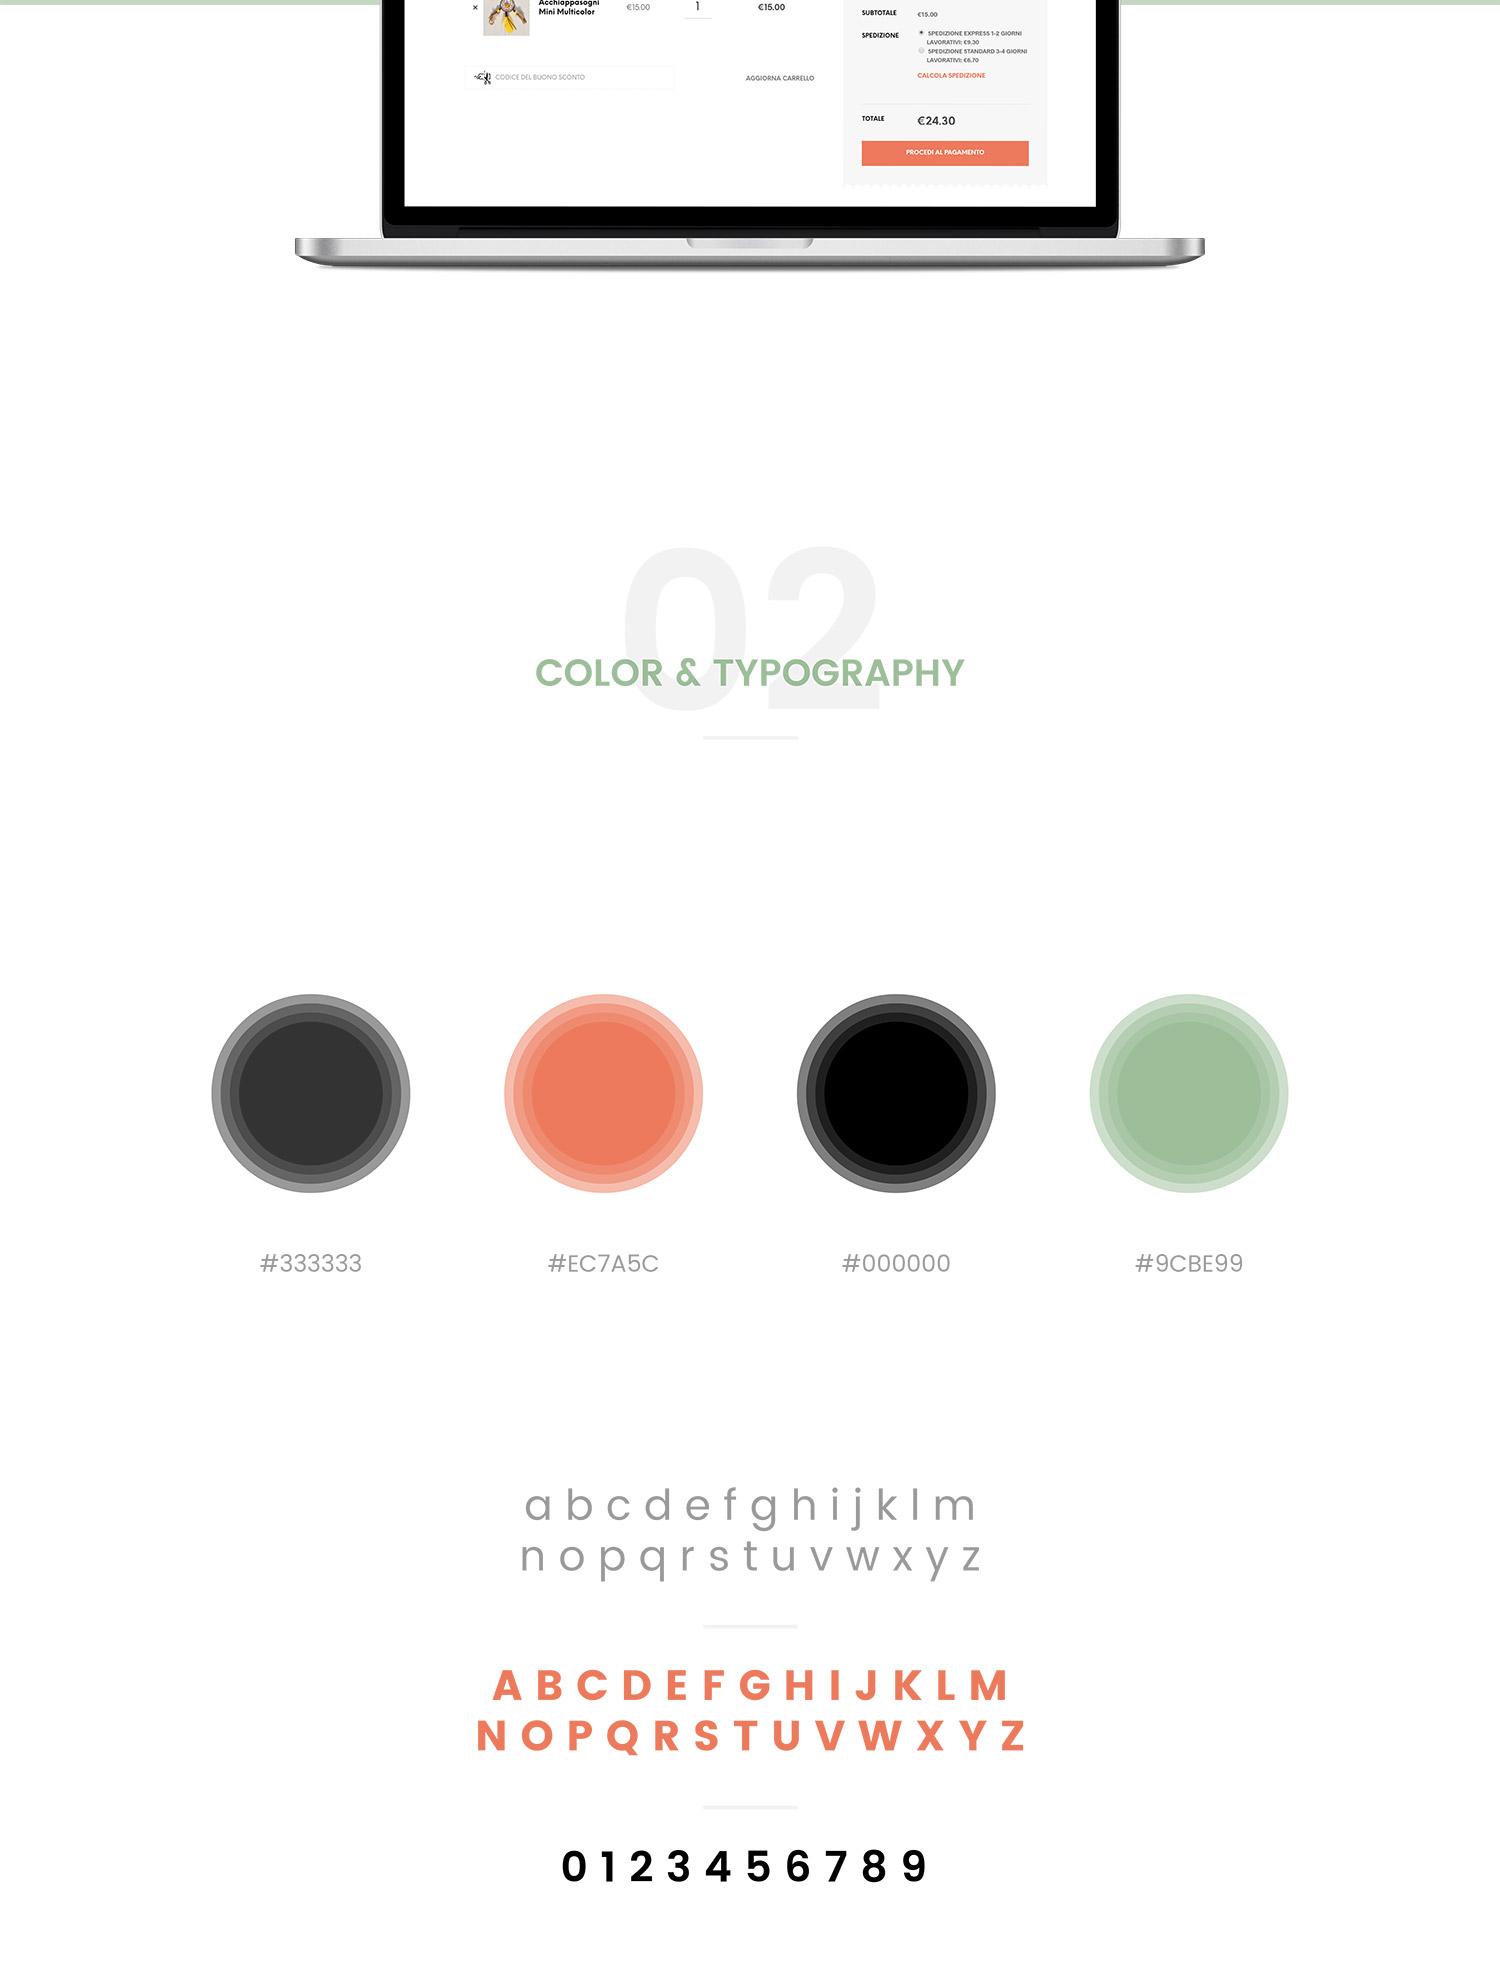 05-realizzazione-sito-e-commerce-padova